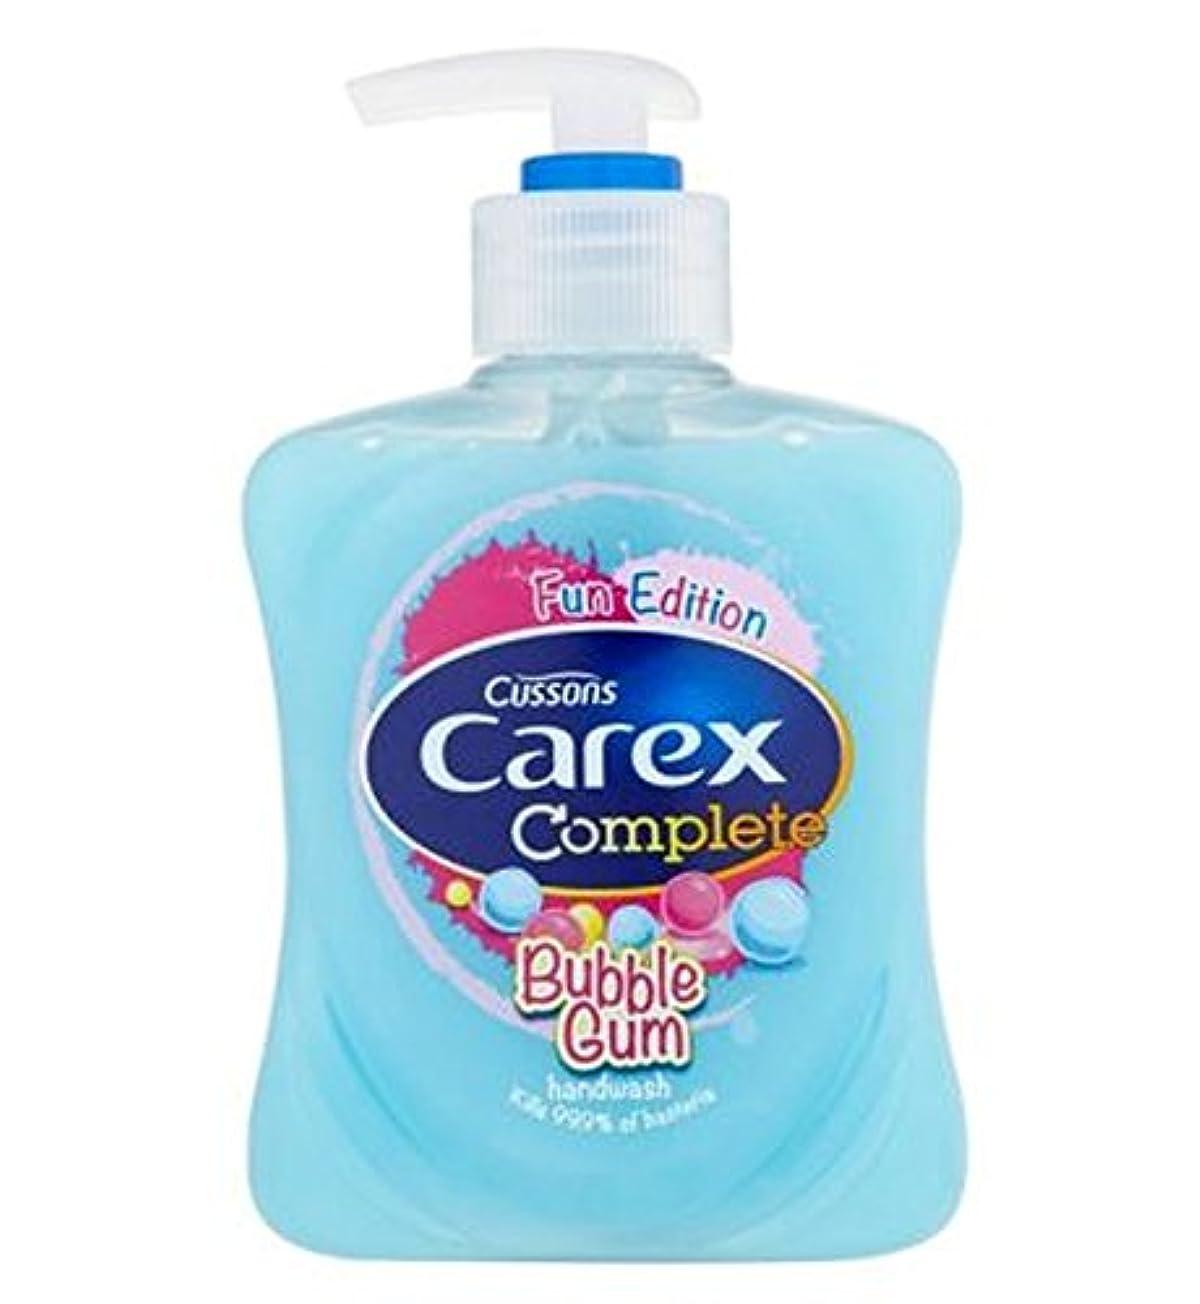 憂慮すべき遠え蒸し器スゲ属楽しいバブルガムハンドウォッシュ250ミリリットル (Carex) (x2) - Carex Fun Bubble Gum Hand Wash 250ml (Pack of 2) [並行輸入品]